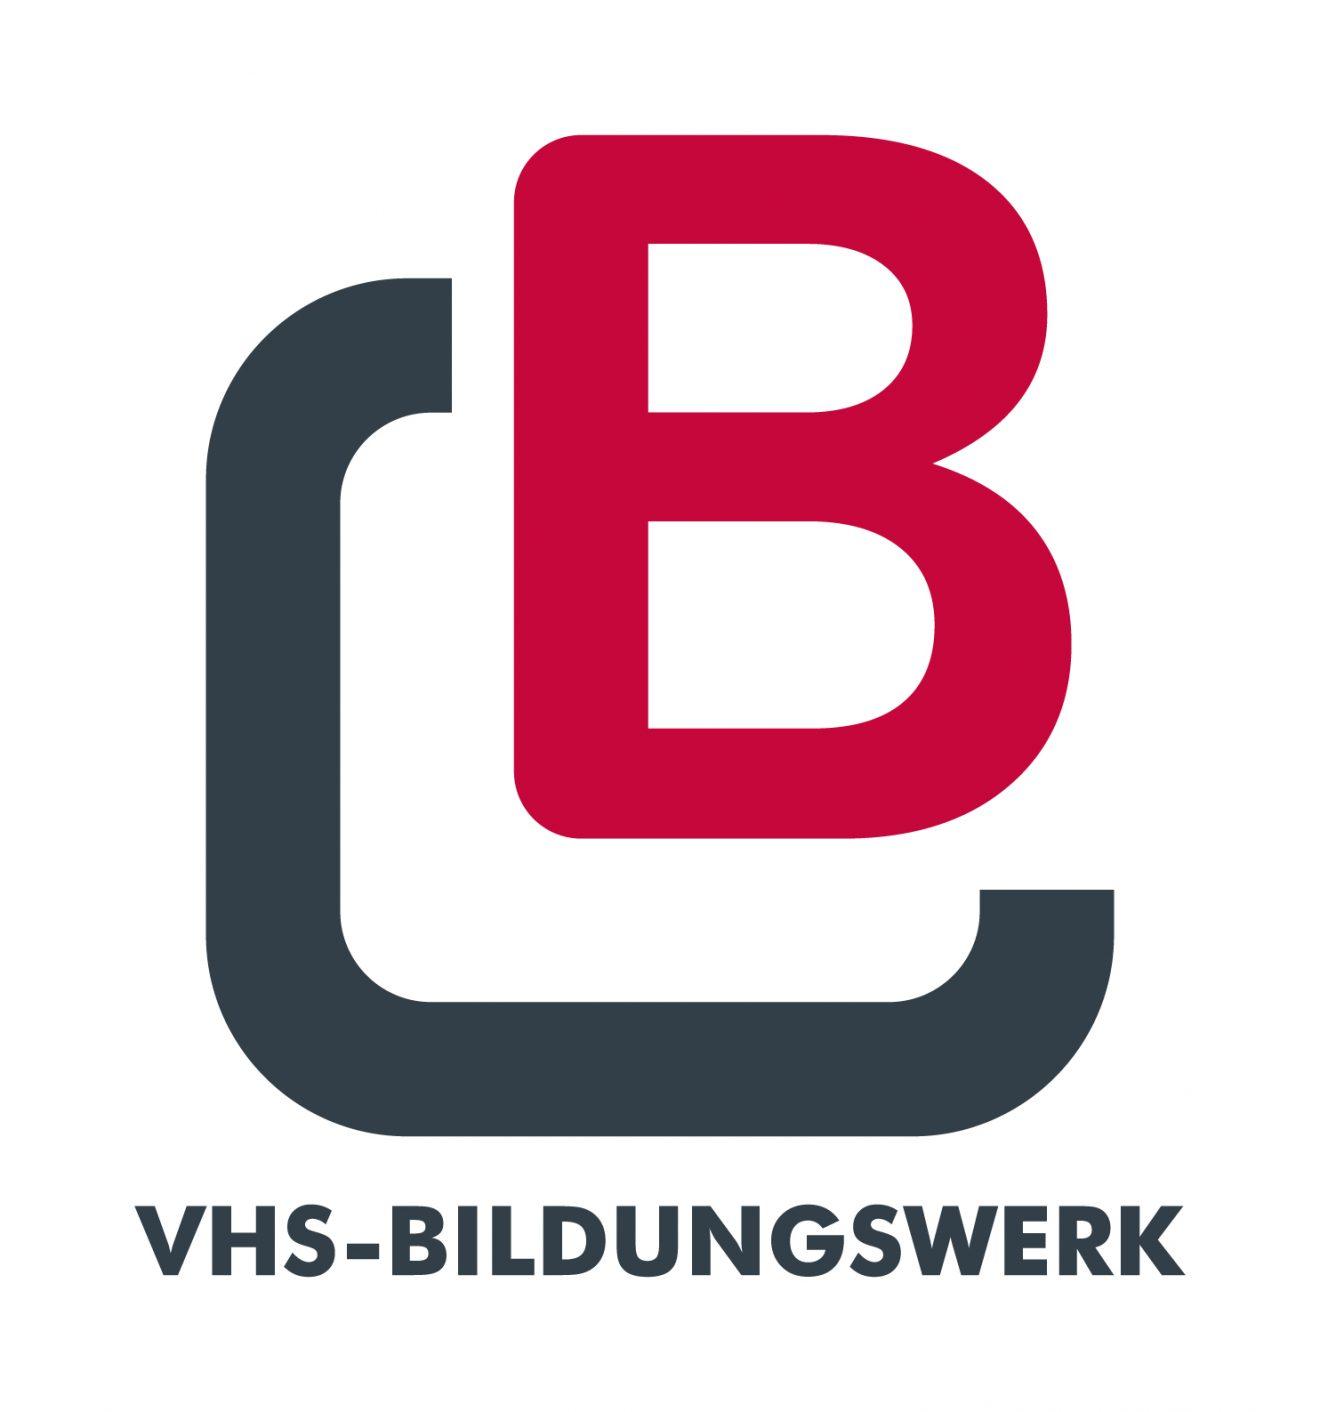 VHS-Bildungswerk GmbH